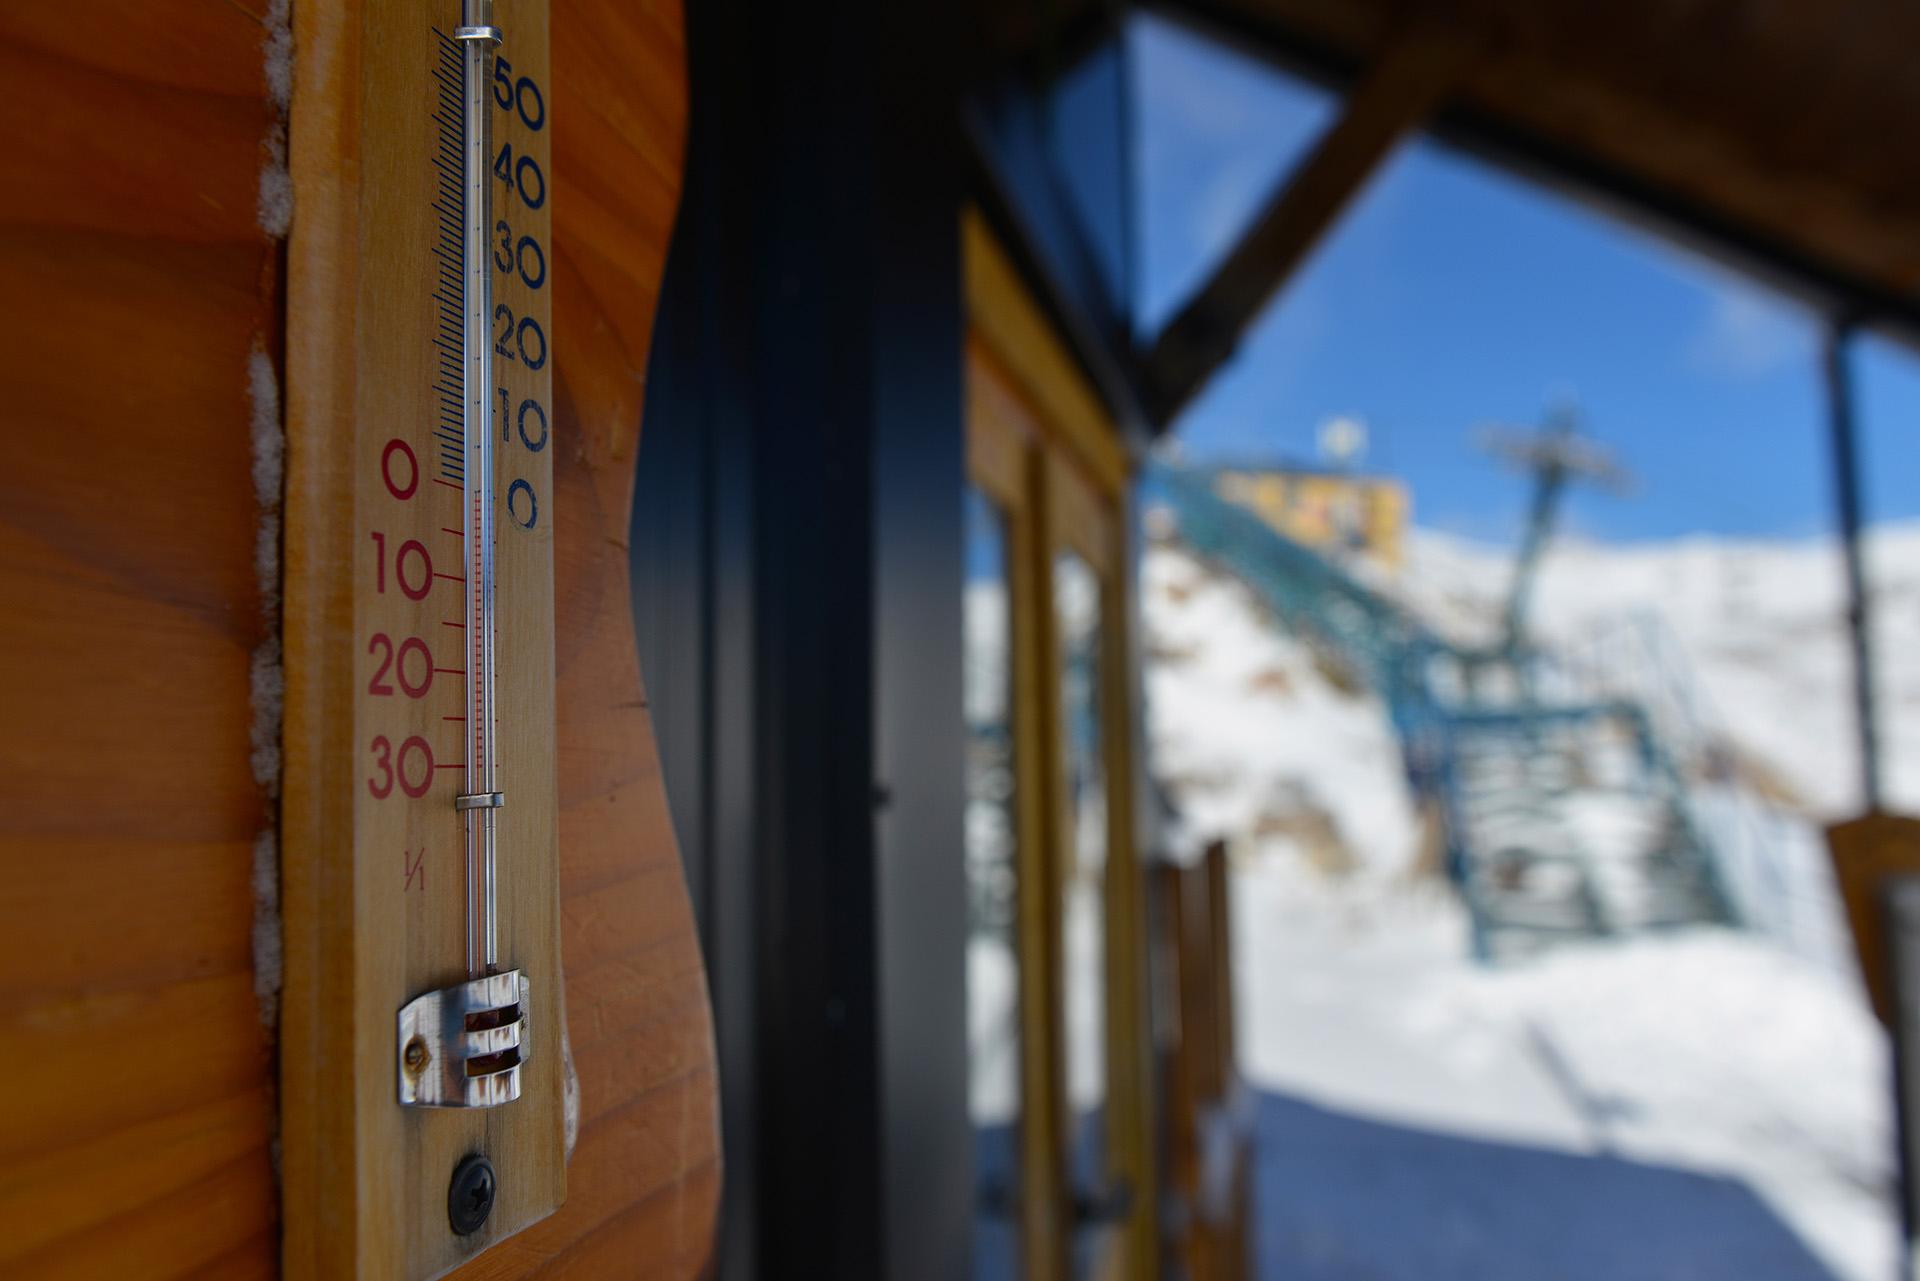 El clima en Bariloche recién tendrá una mejoría el domingo con una temperatura de 25 grados de máxima y 5 de mínima